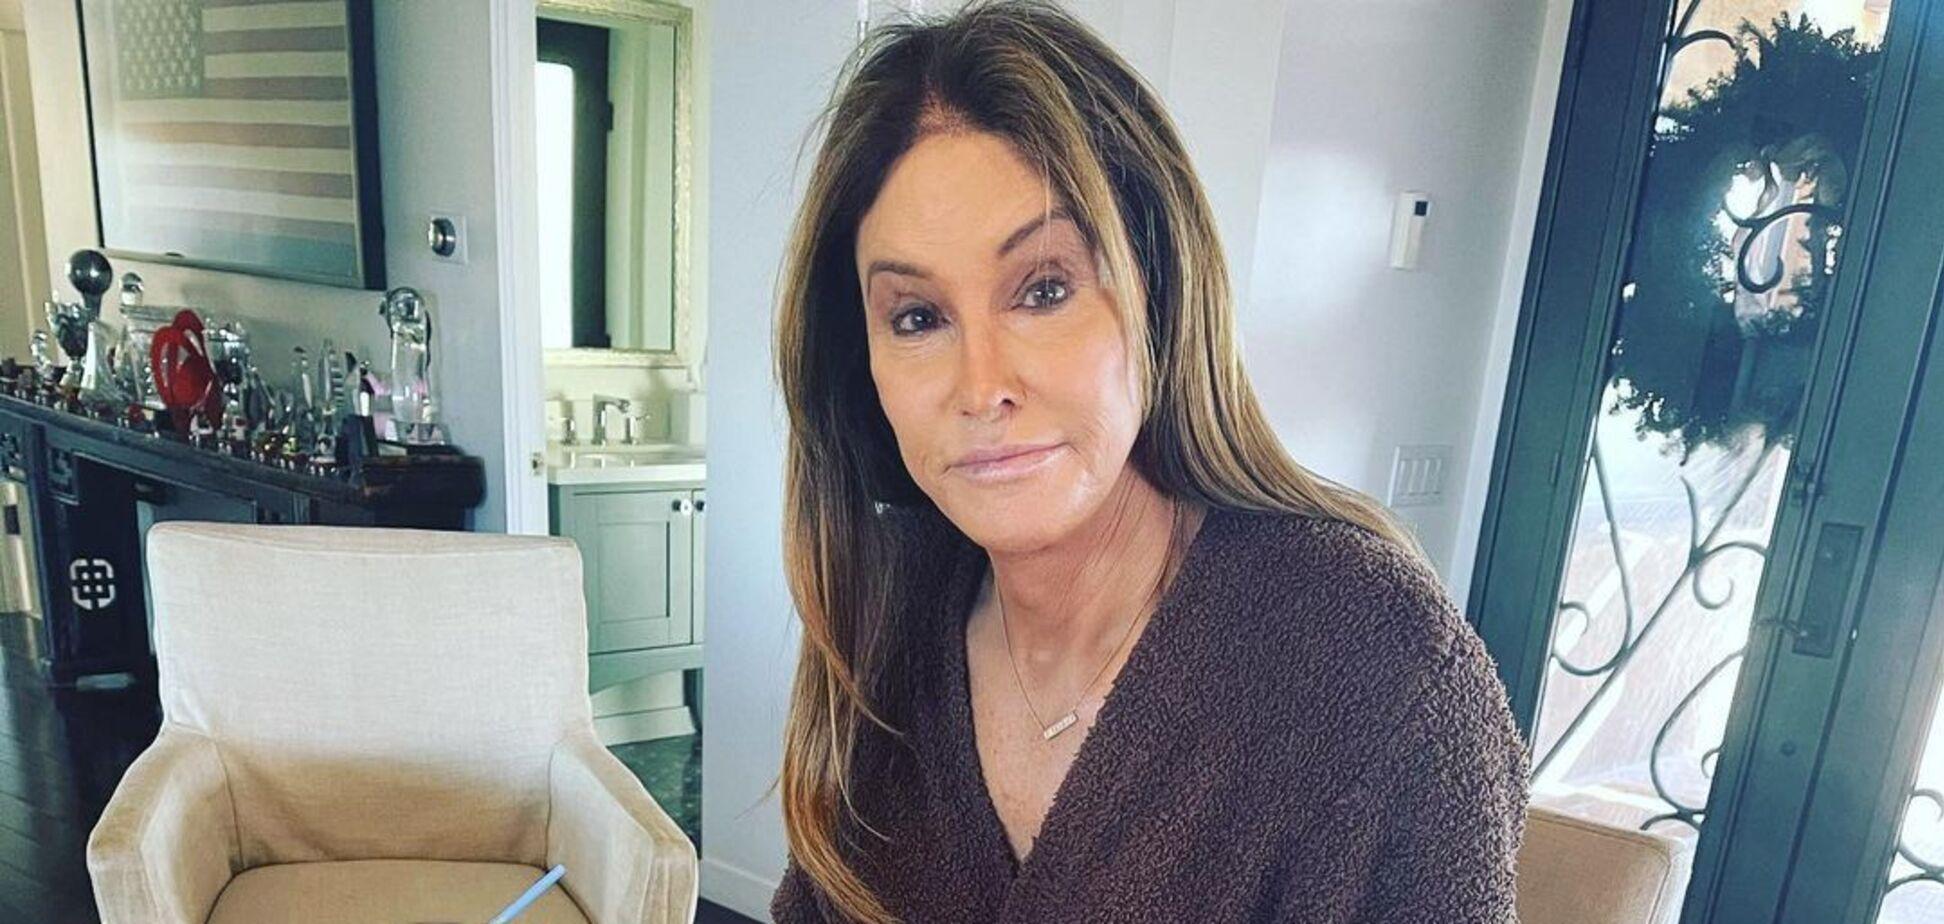 Трансгендерная мачеха Кардашьян планирует стать губернатором Калифорнии